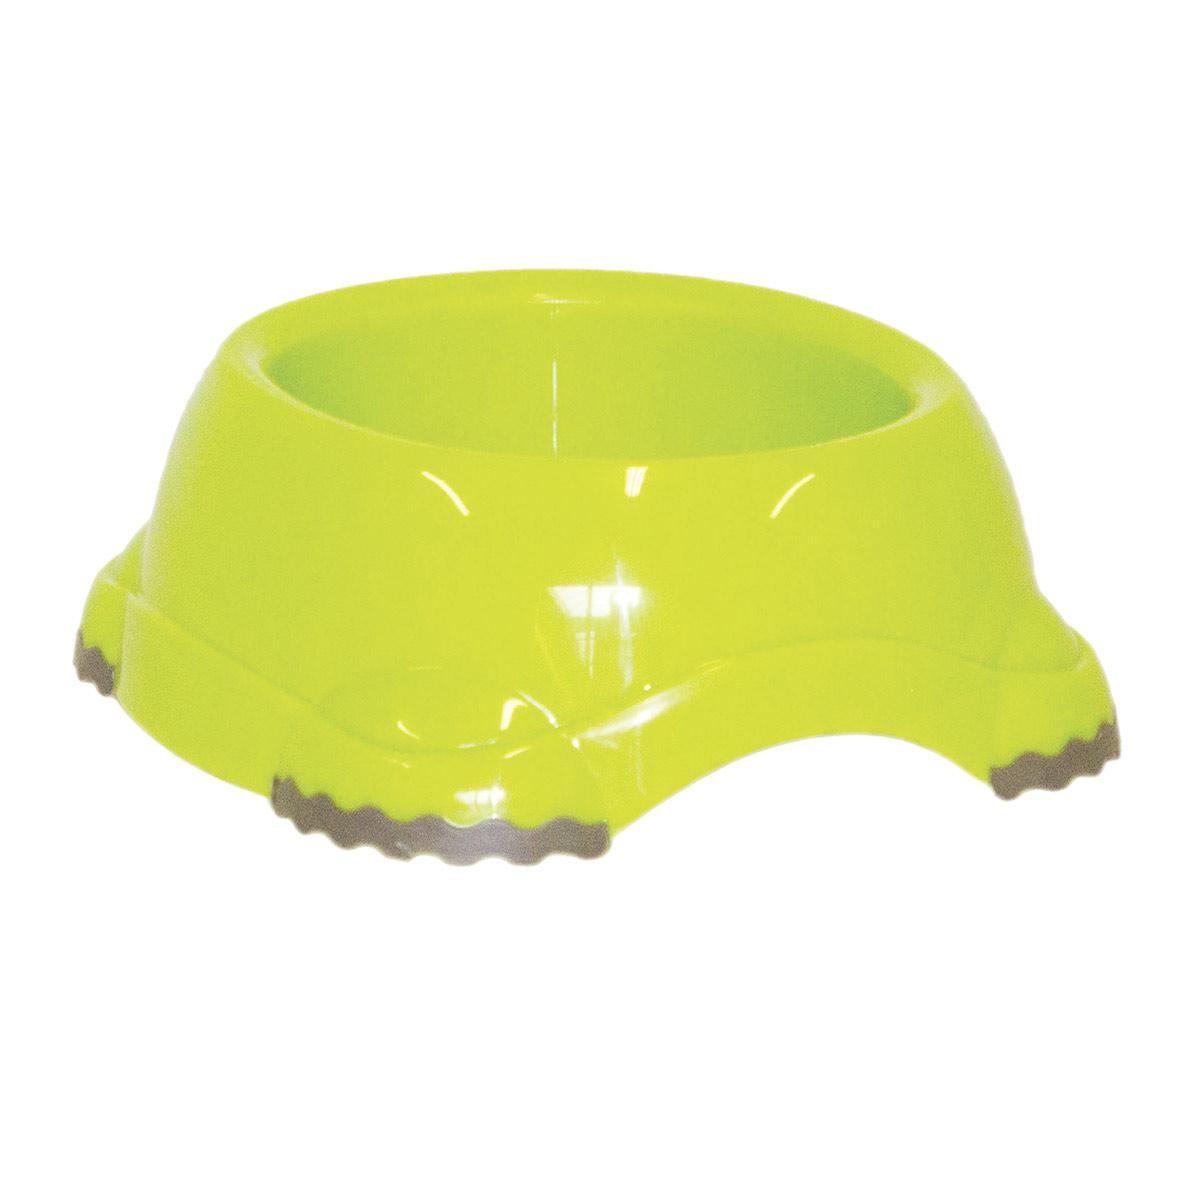 Fun Green Moderna Smarty Bowl Small Dog Bowl - No Skid